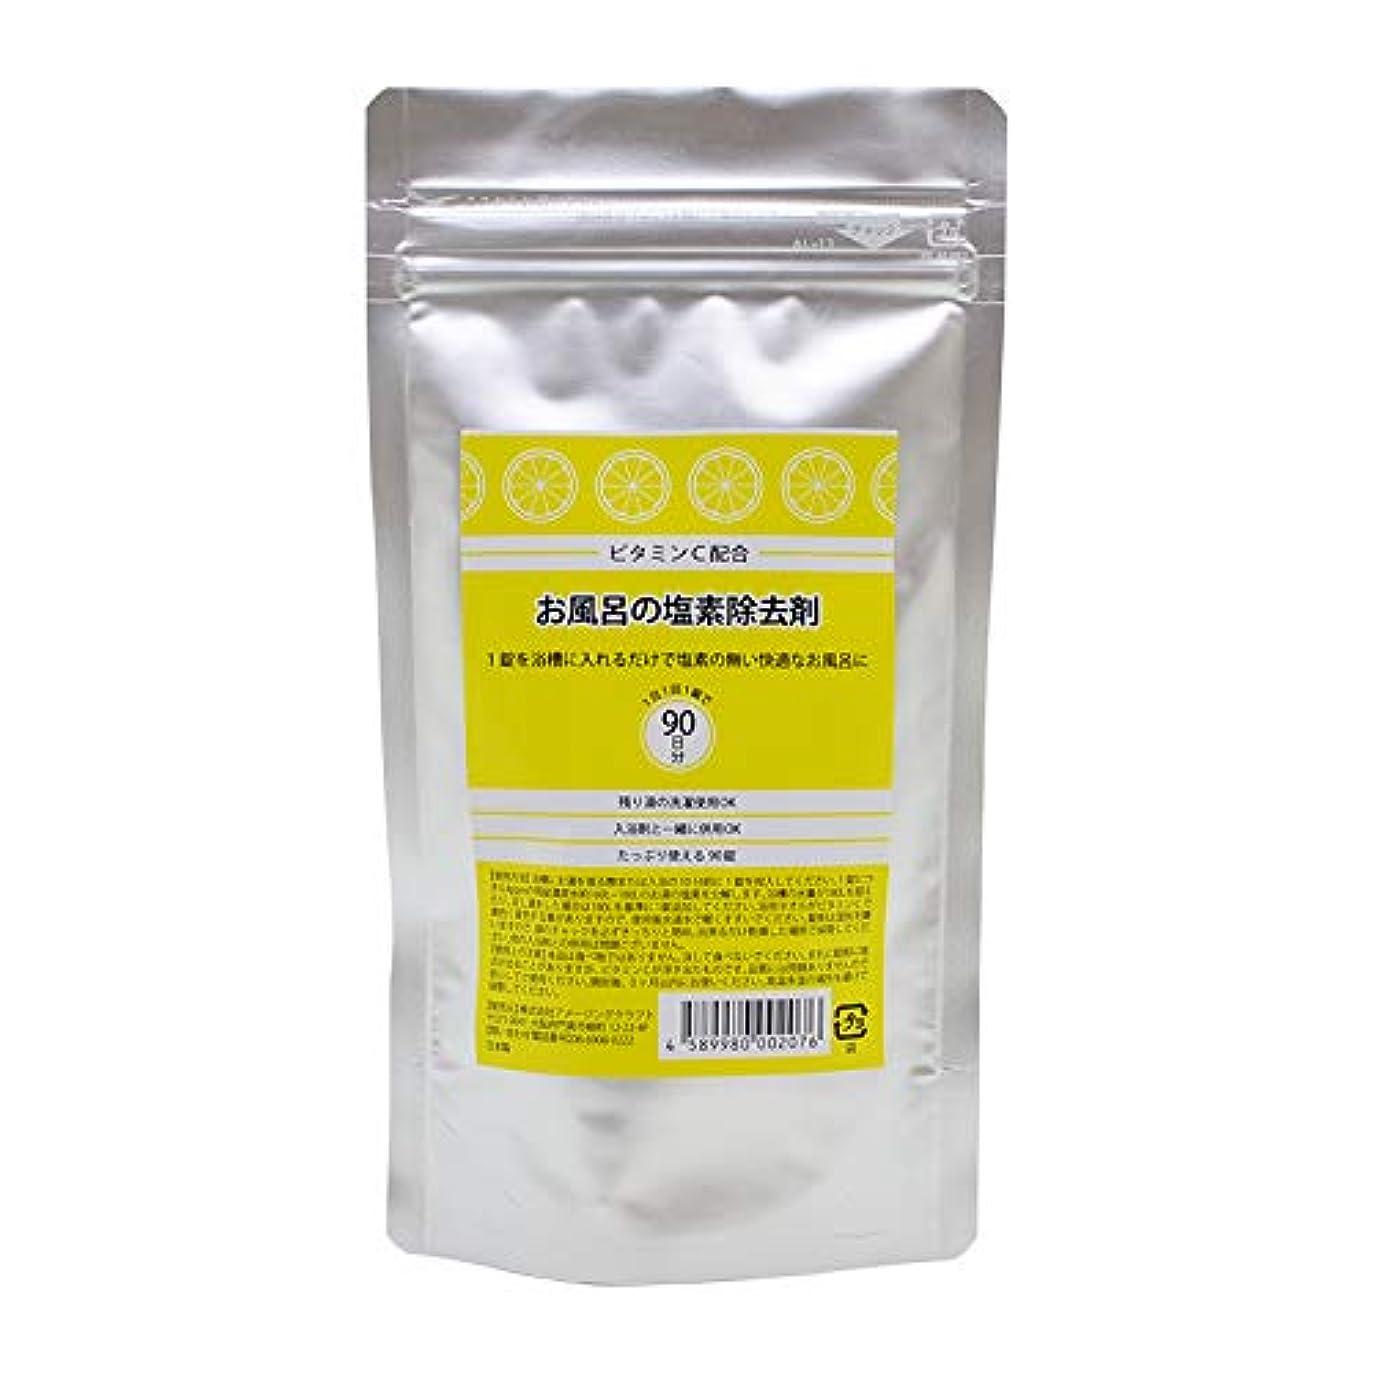 ローマ人天井労働ビタミンC配合 お風呂の塩素除去剤 錠剤タイプ 90錠 浴槽用脱塩素剤